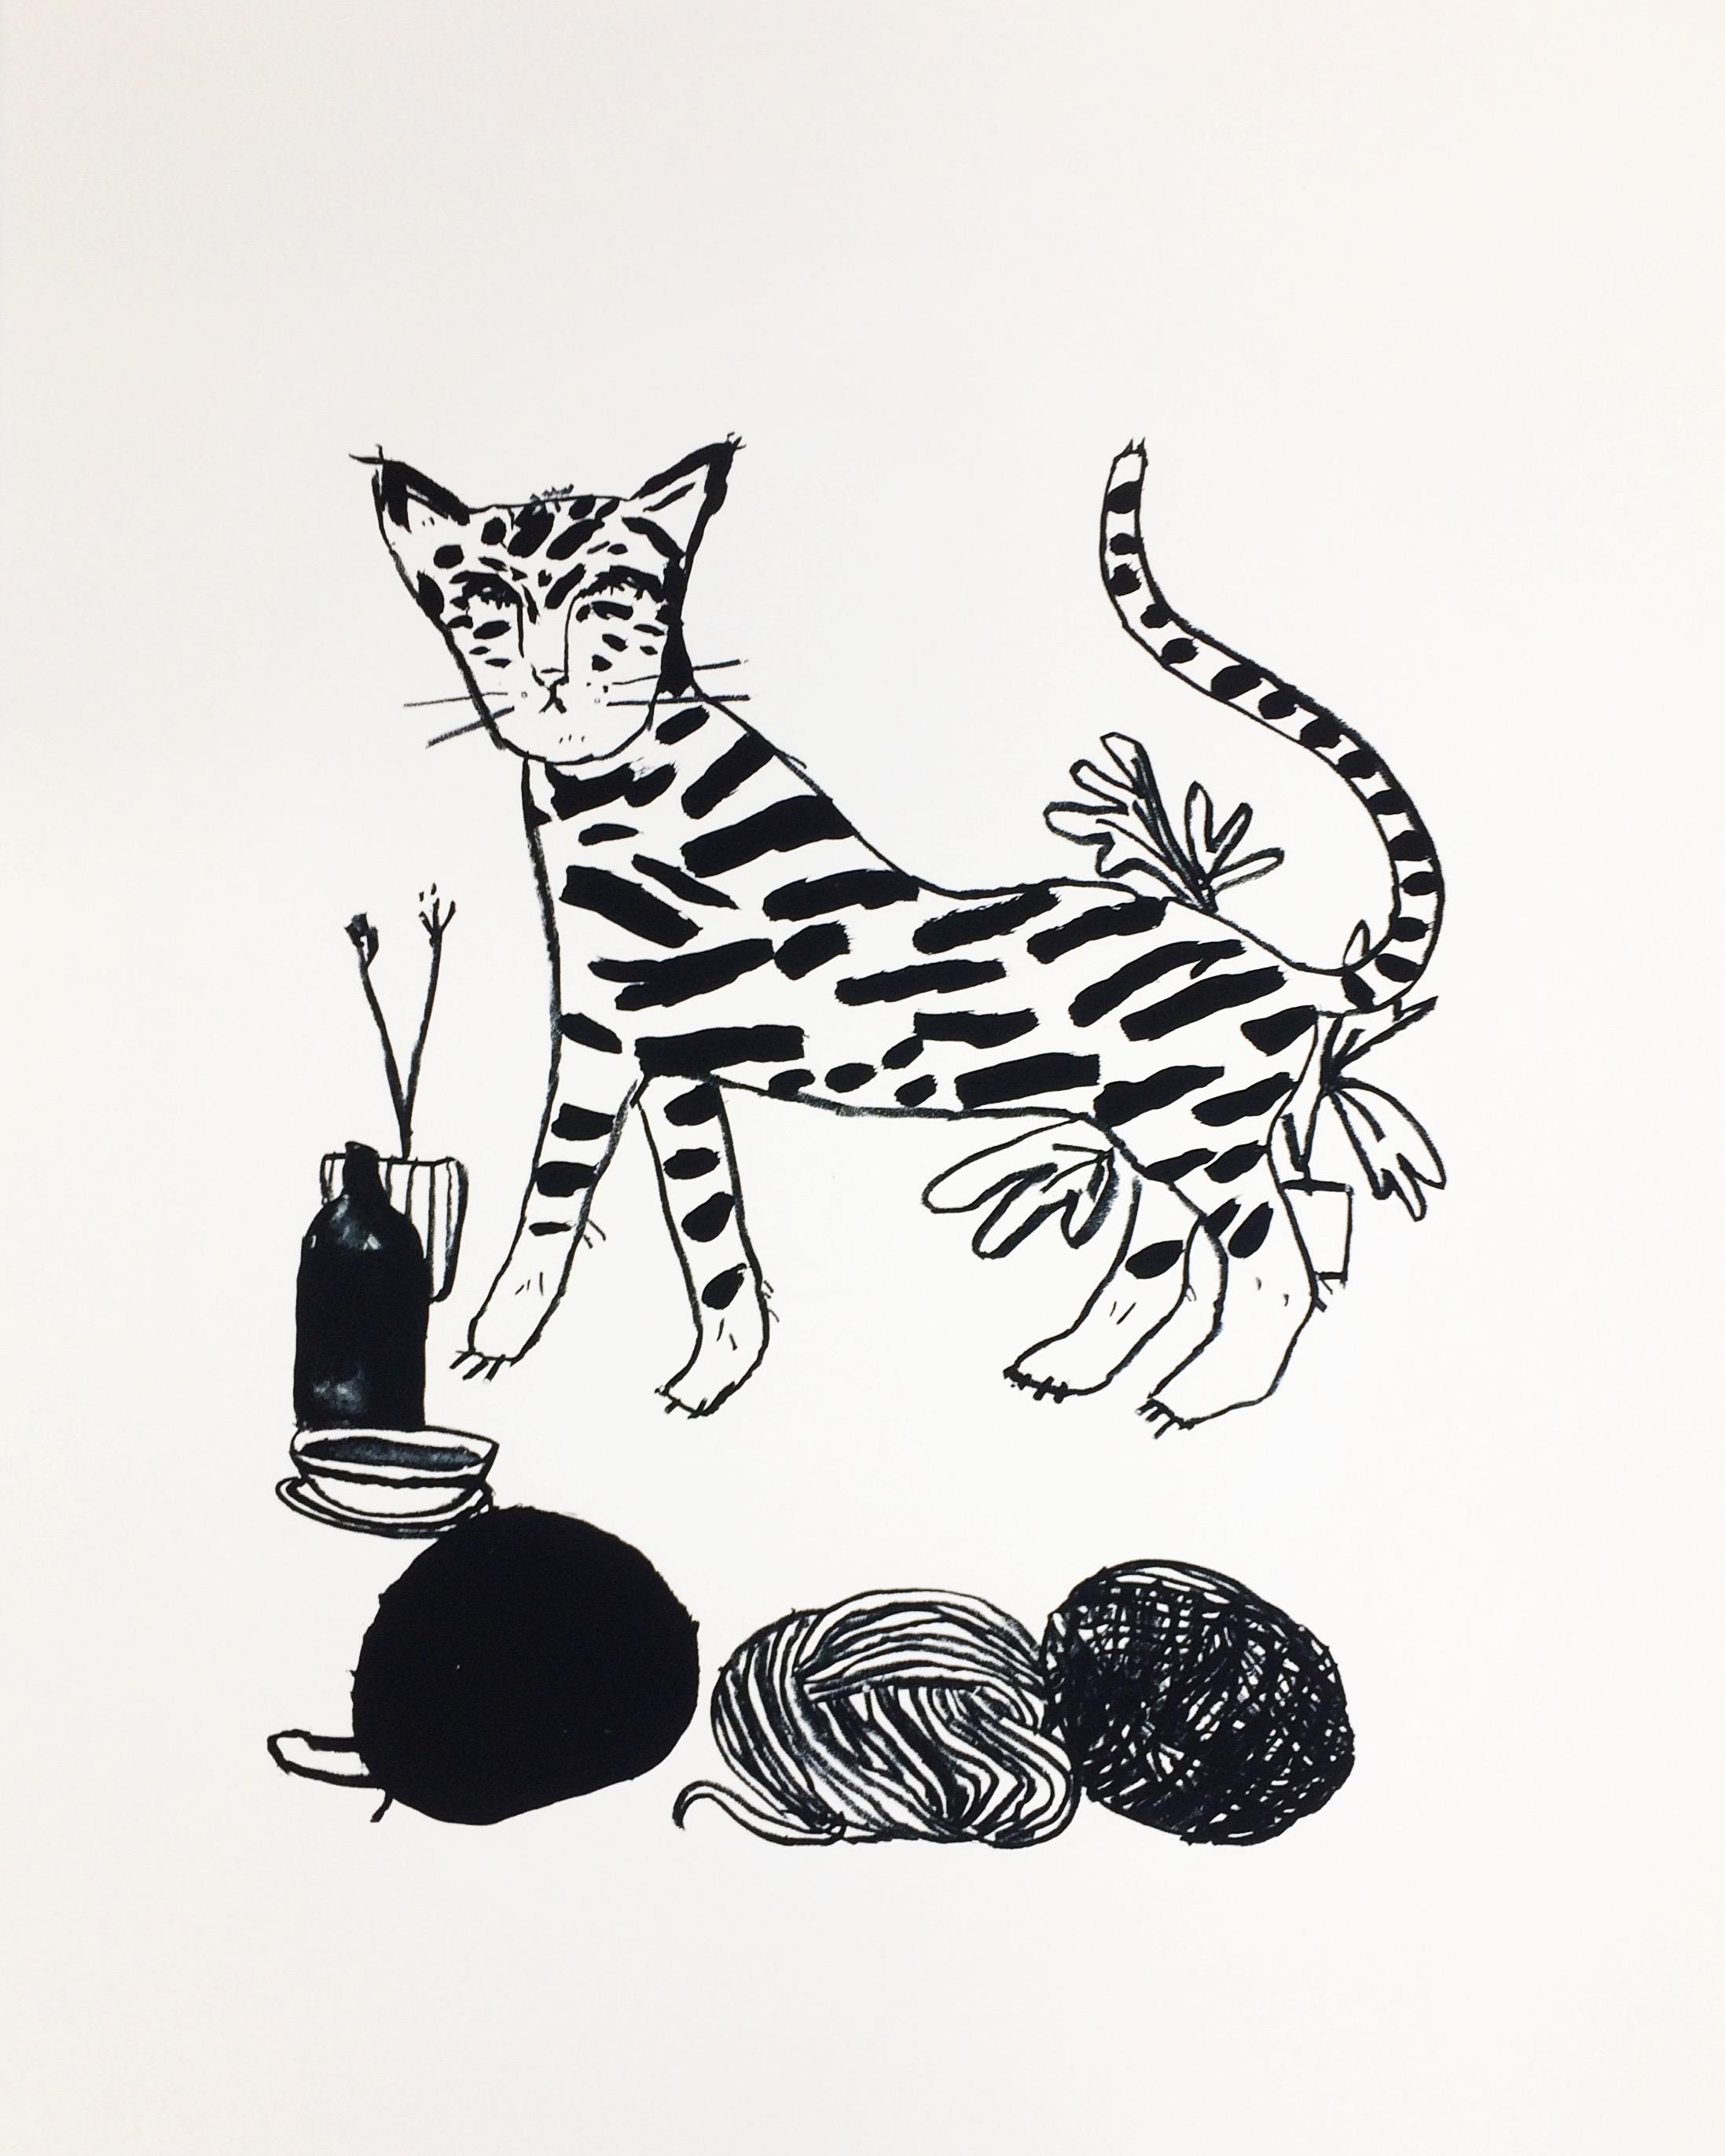 Le chat rayé, 56 x 76 cm